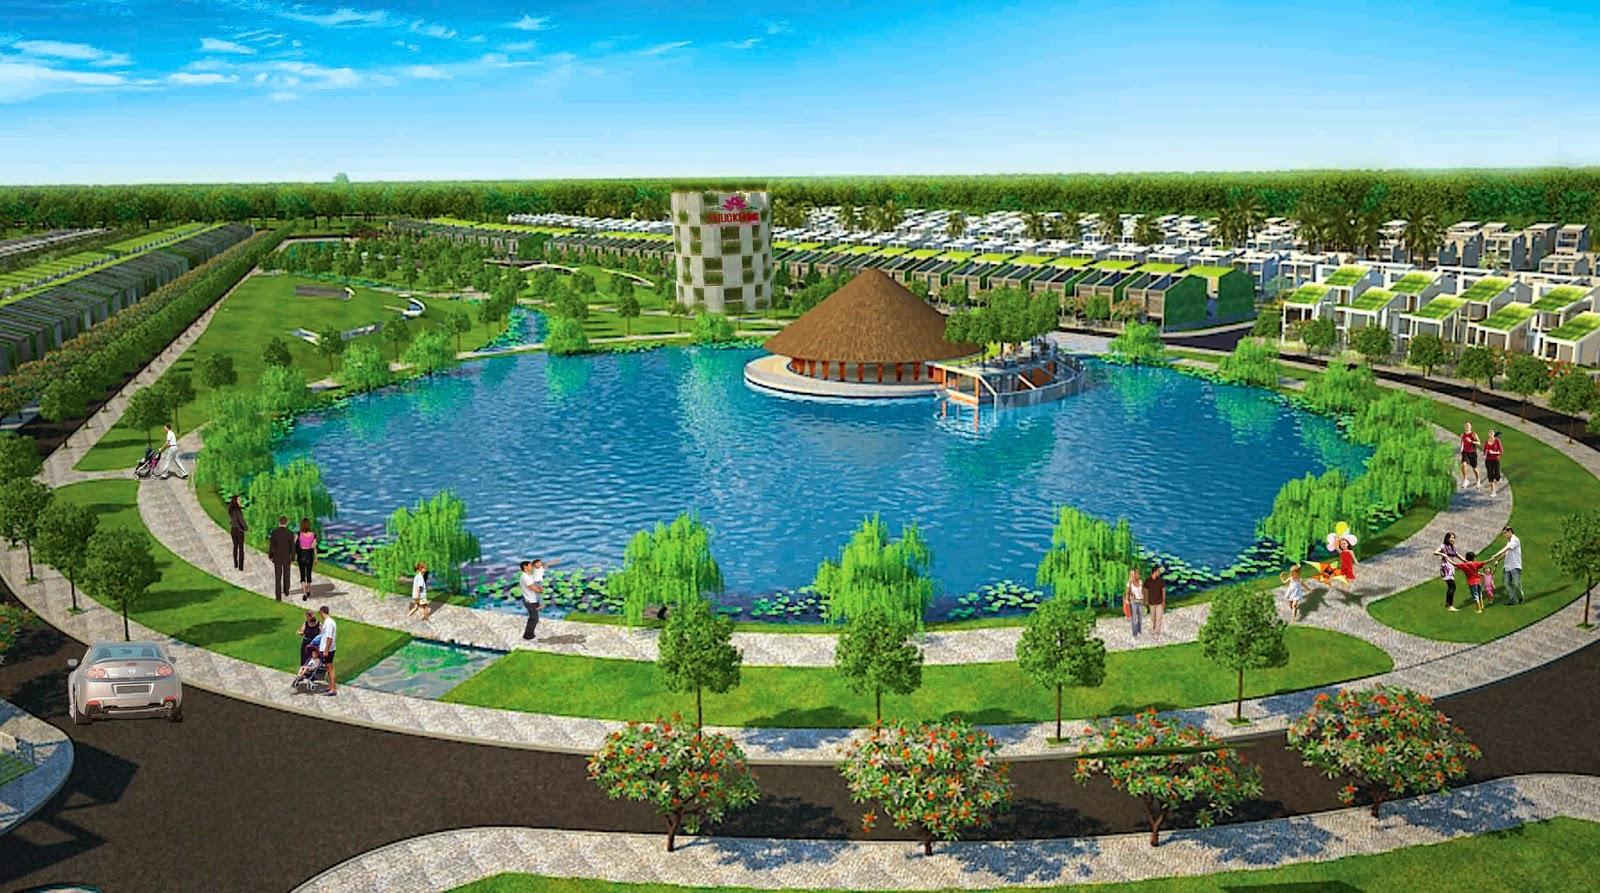 Một góc tại hồ tinh đế liên dự án làng sen việt nam